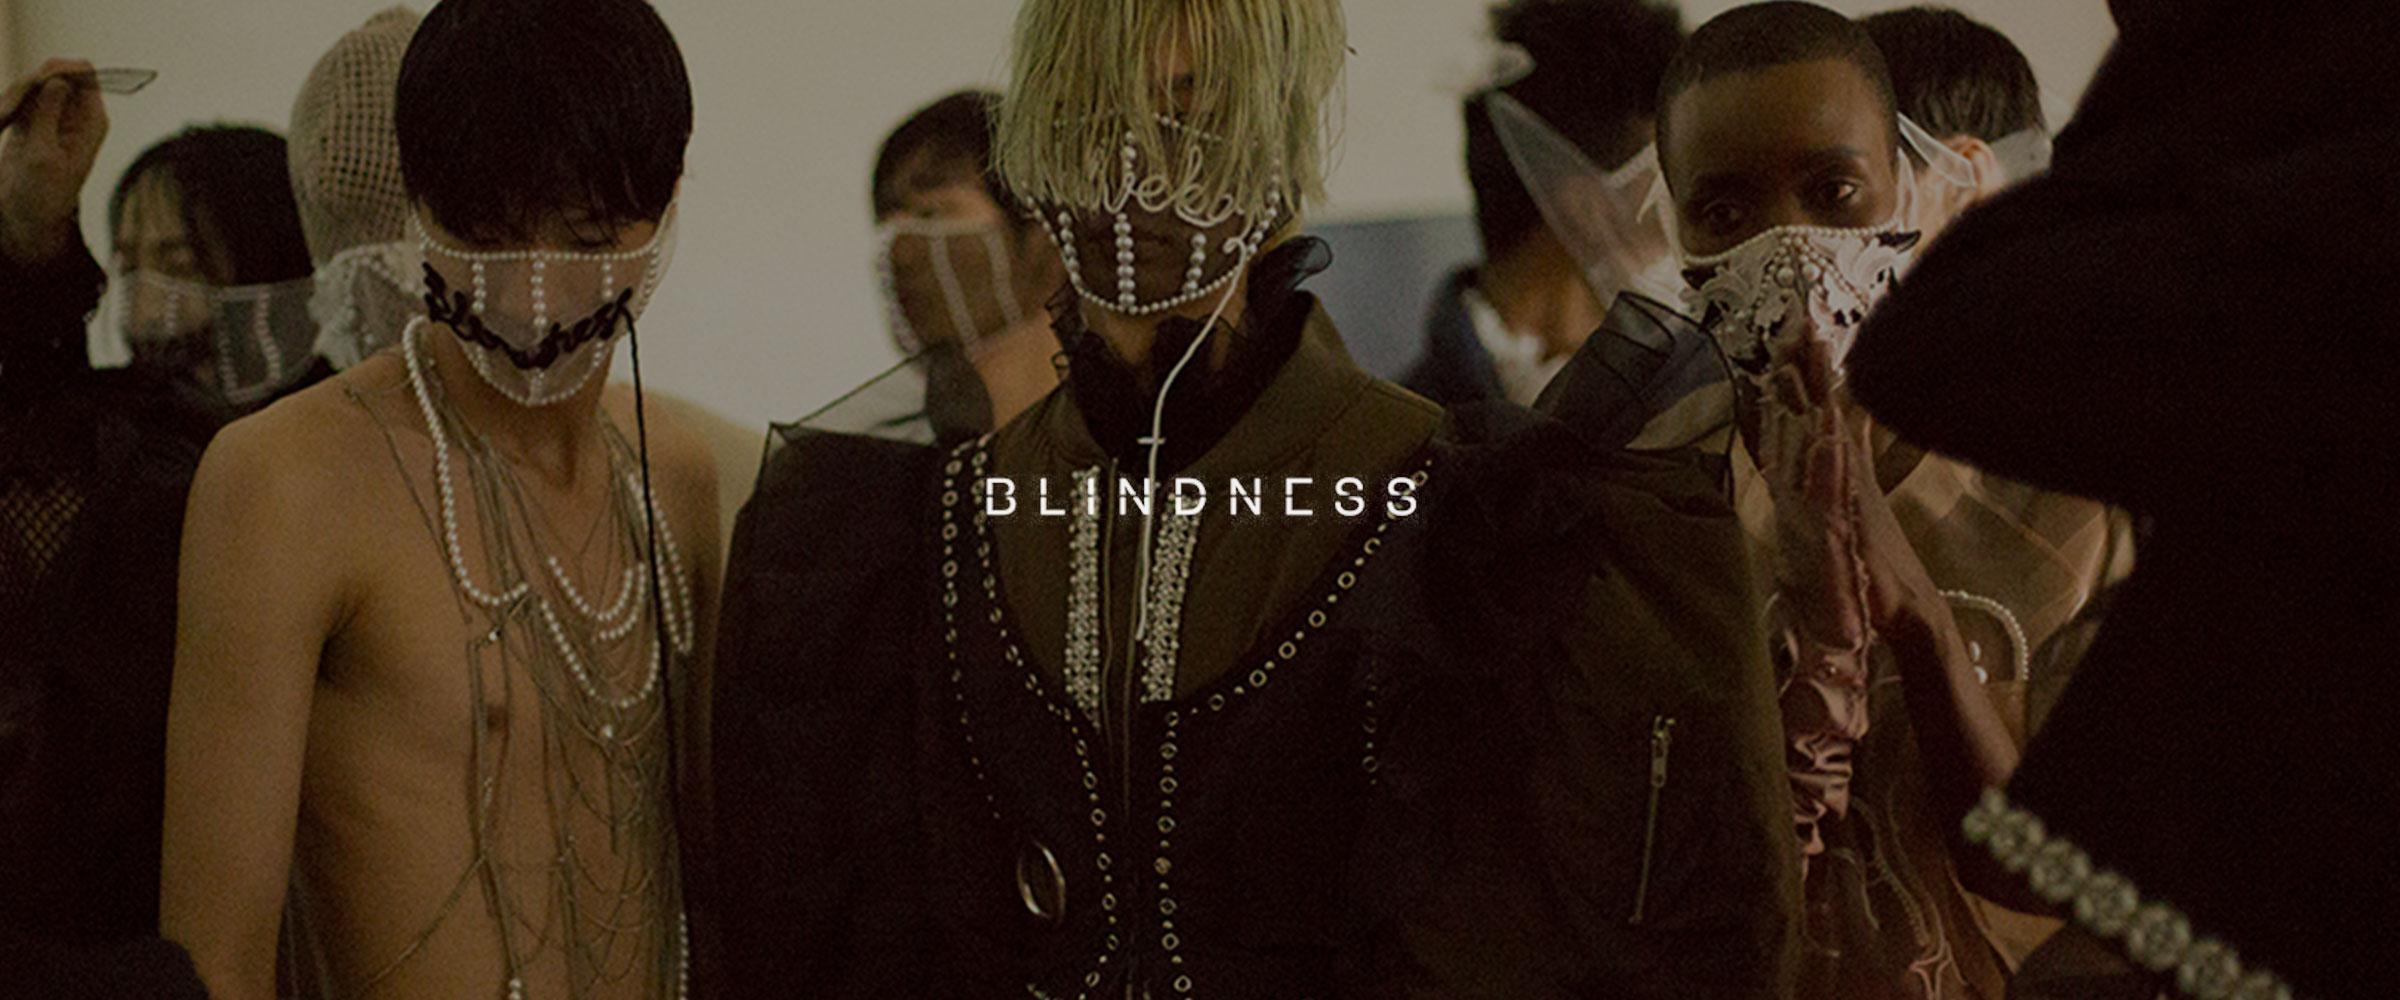 blindness2.jpg